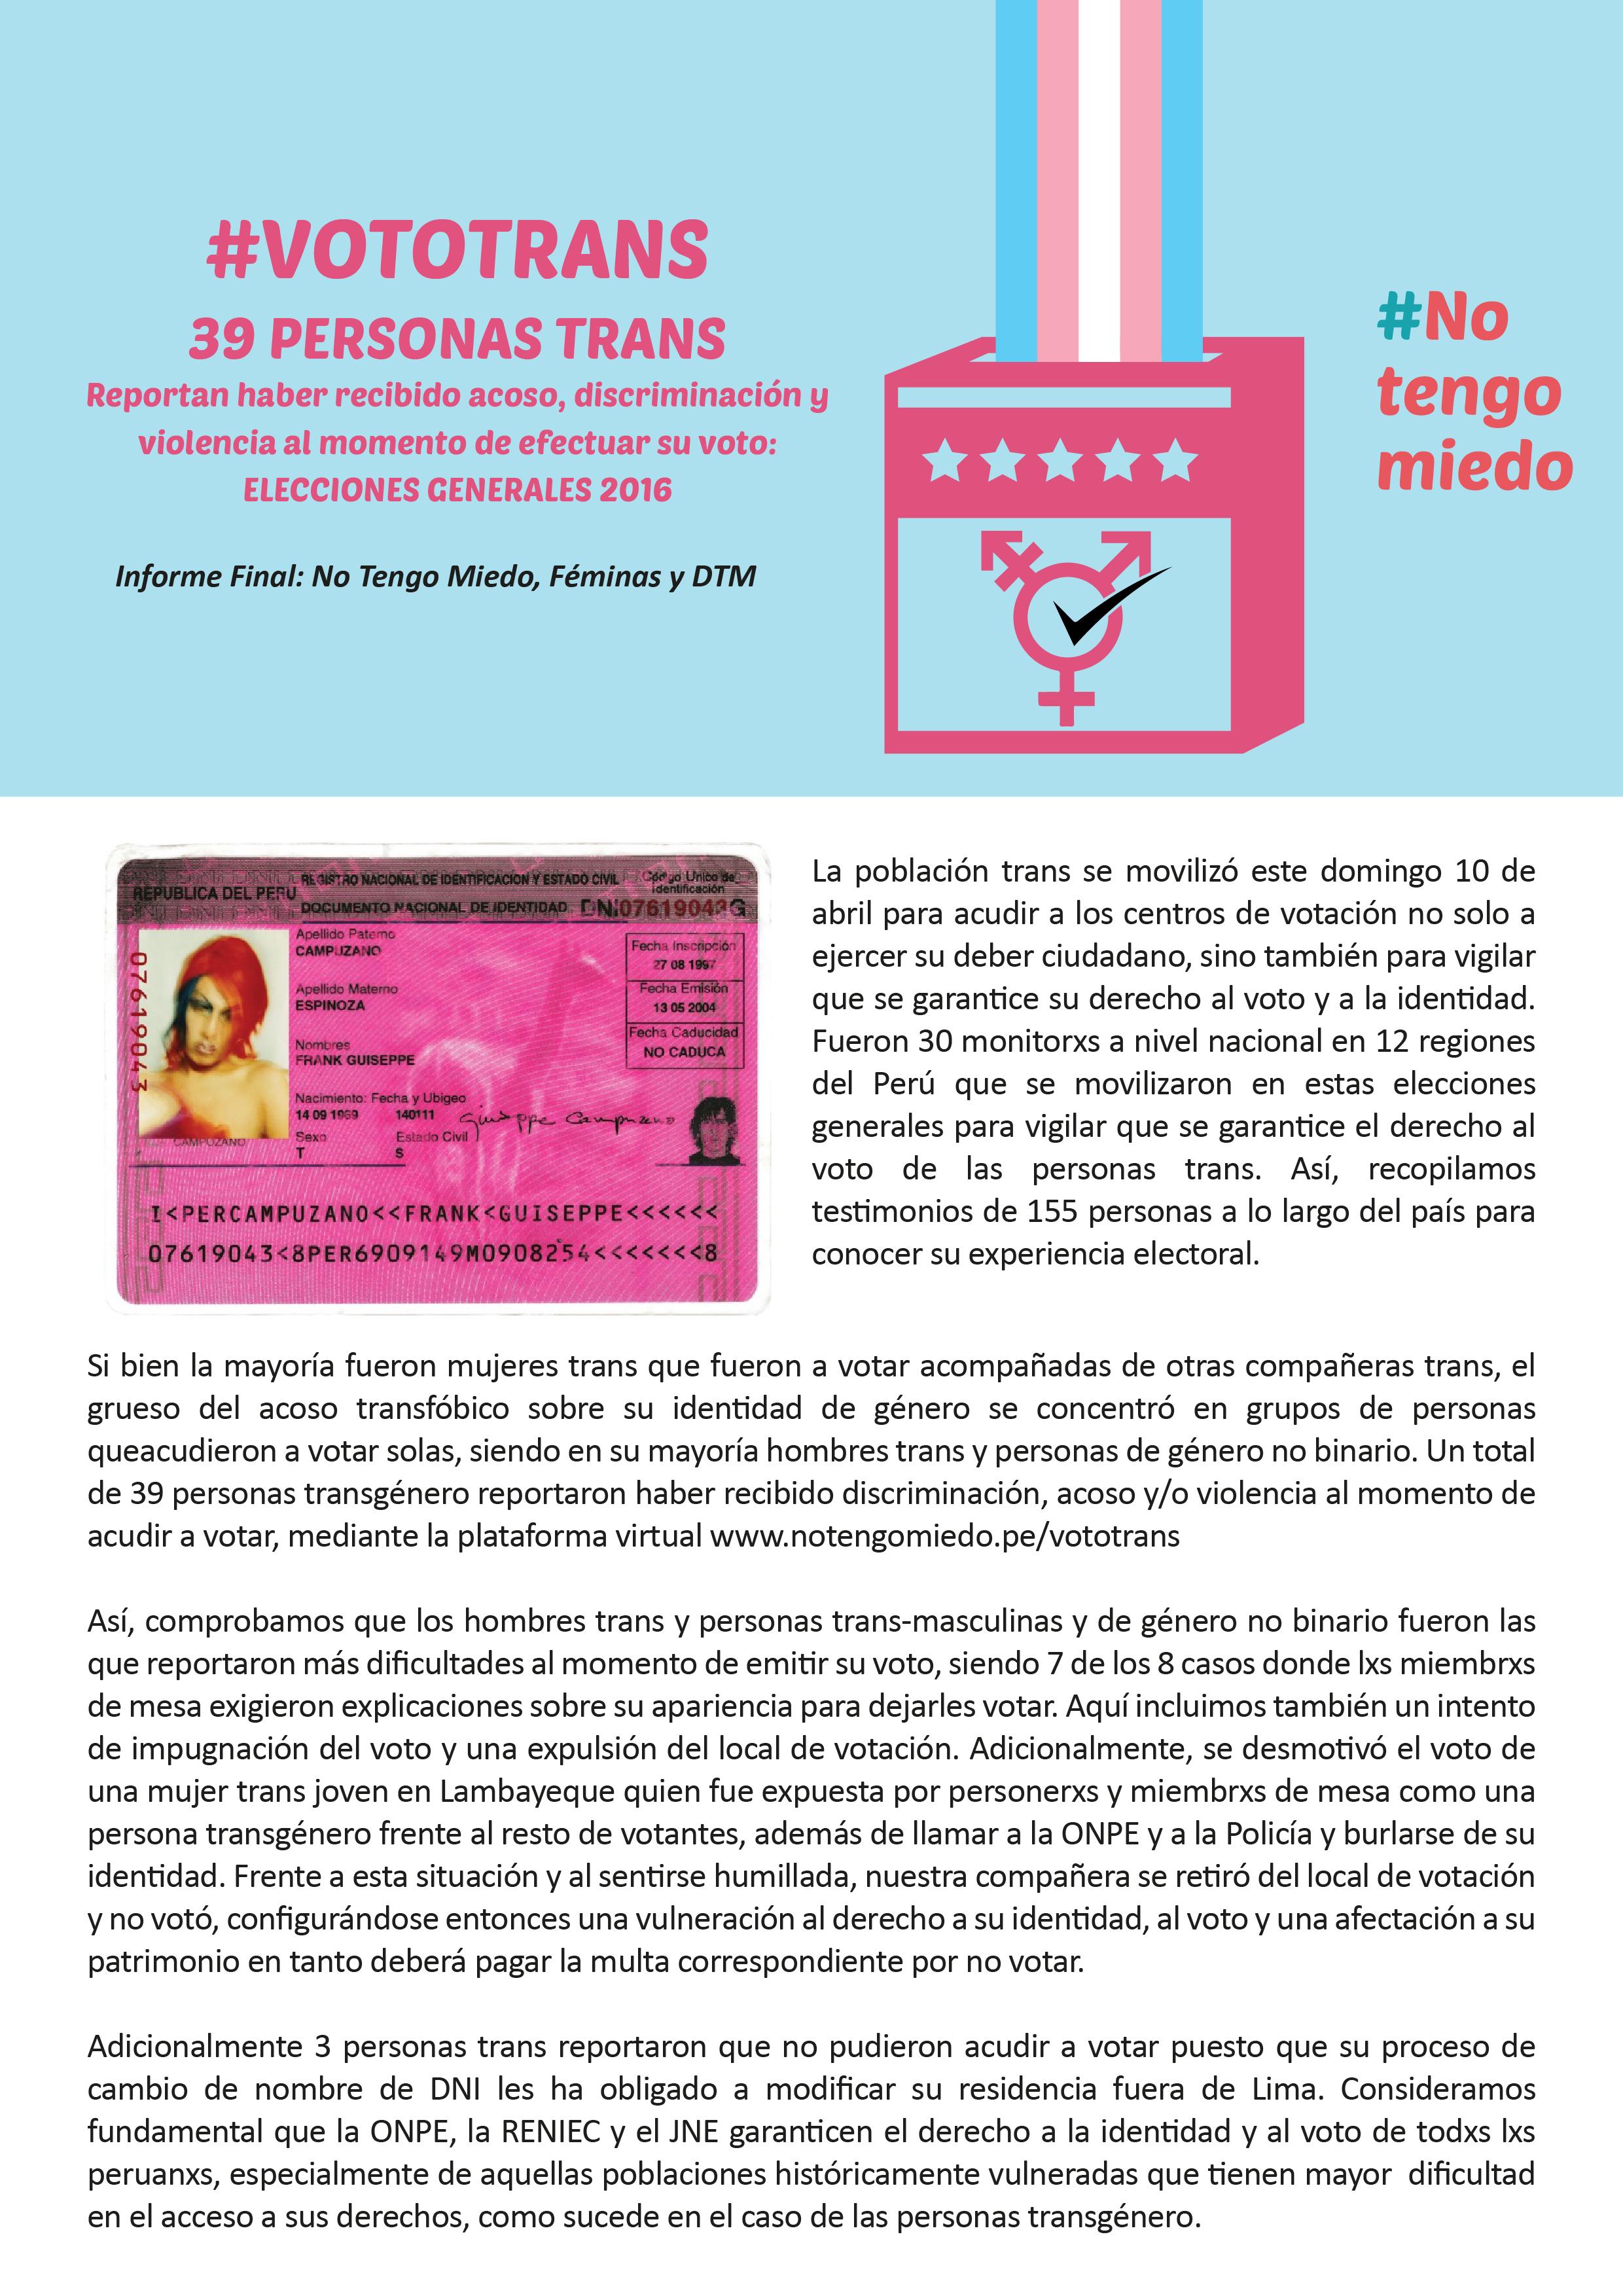 #VOTOTRANS: RESULTADOS DEL OBSERVATORIO, 2016    Resultados del primer observatorio sobre voto trans llevado a cabo el 10 de abril del 2016